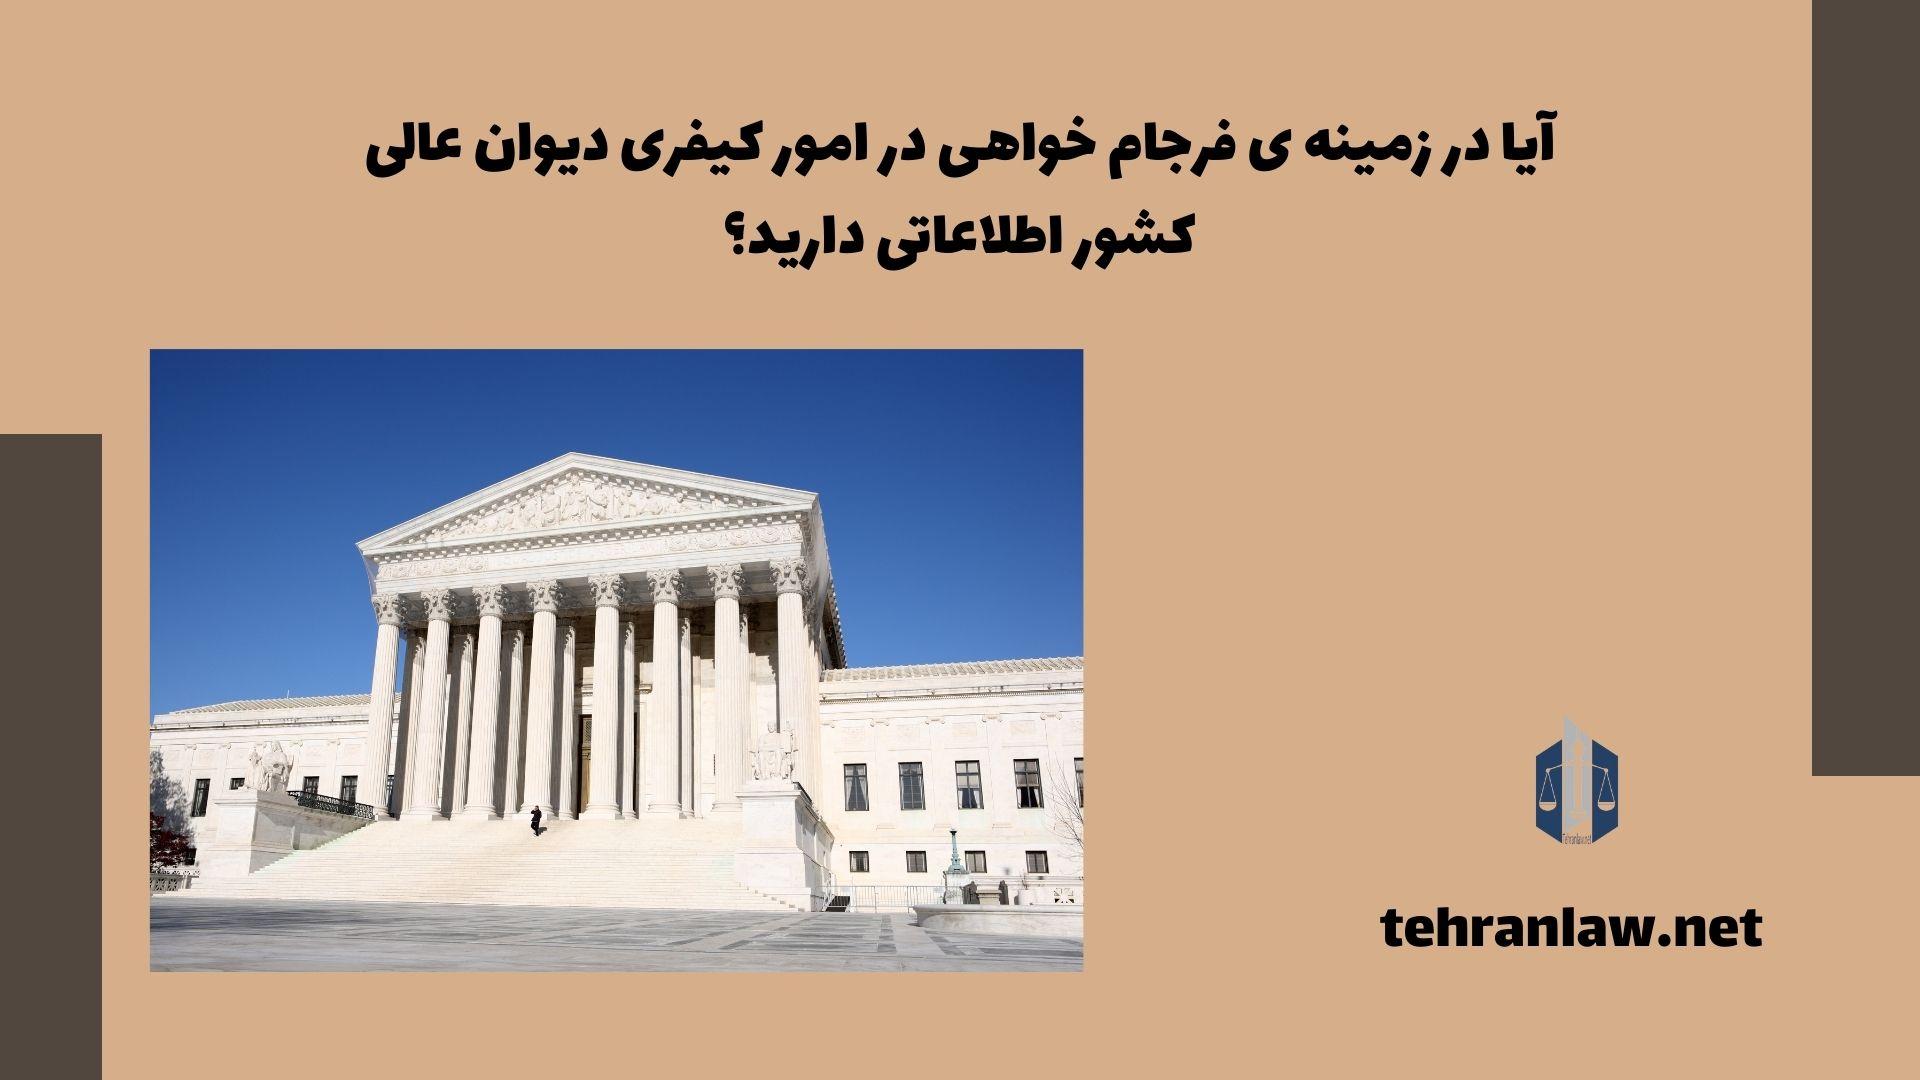 آیا در زمینه ی فرجام خواهی در امور کیفری دیوان عالی کشور اطلاعاتی دارید؟